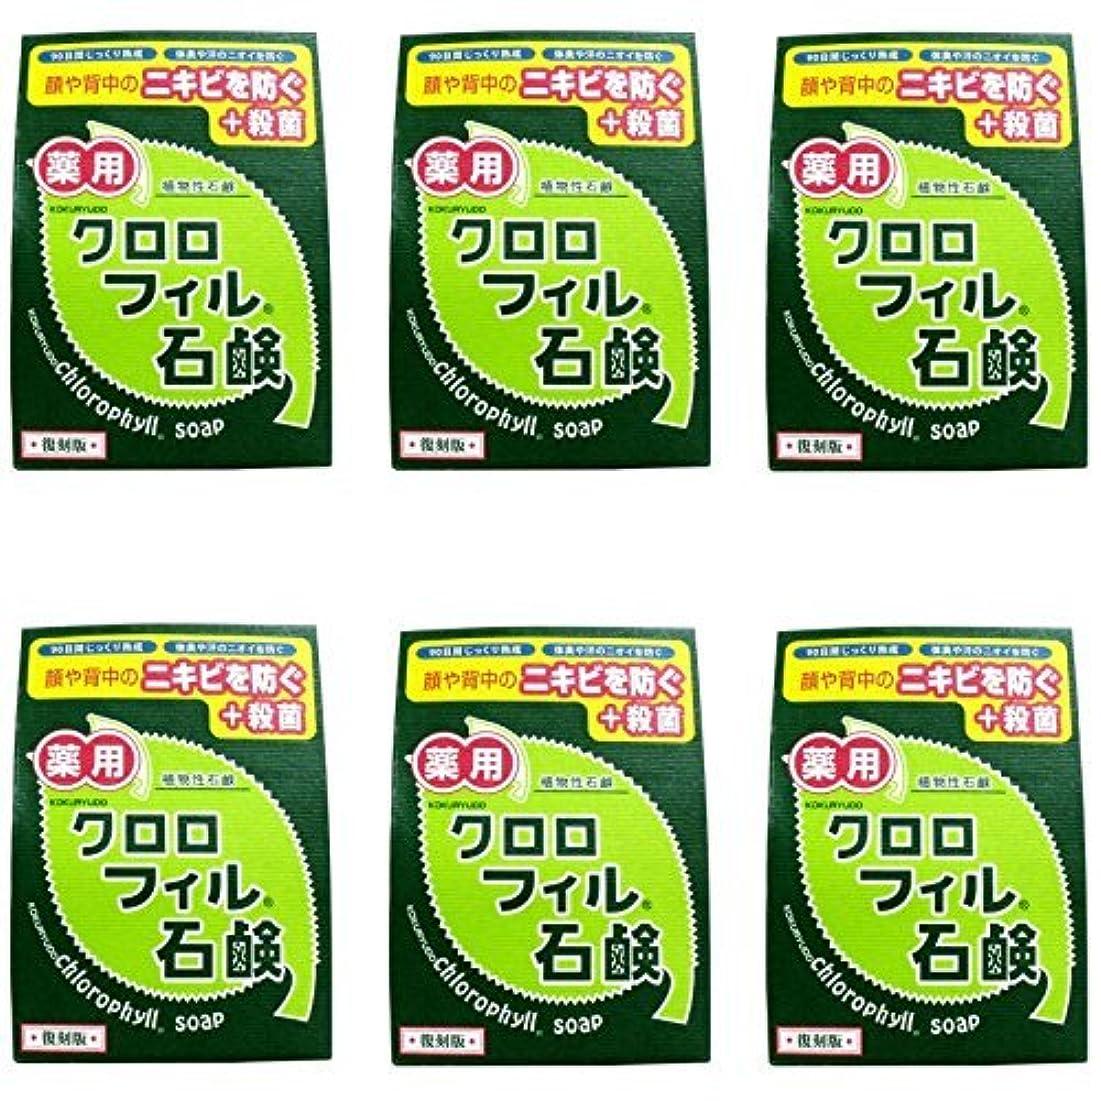 ノーブルバンドネスト【まとめ買い】クロロフィル石鹸 復刻版 85g (医薬部外品)【×6個】